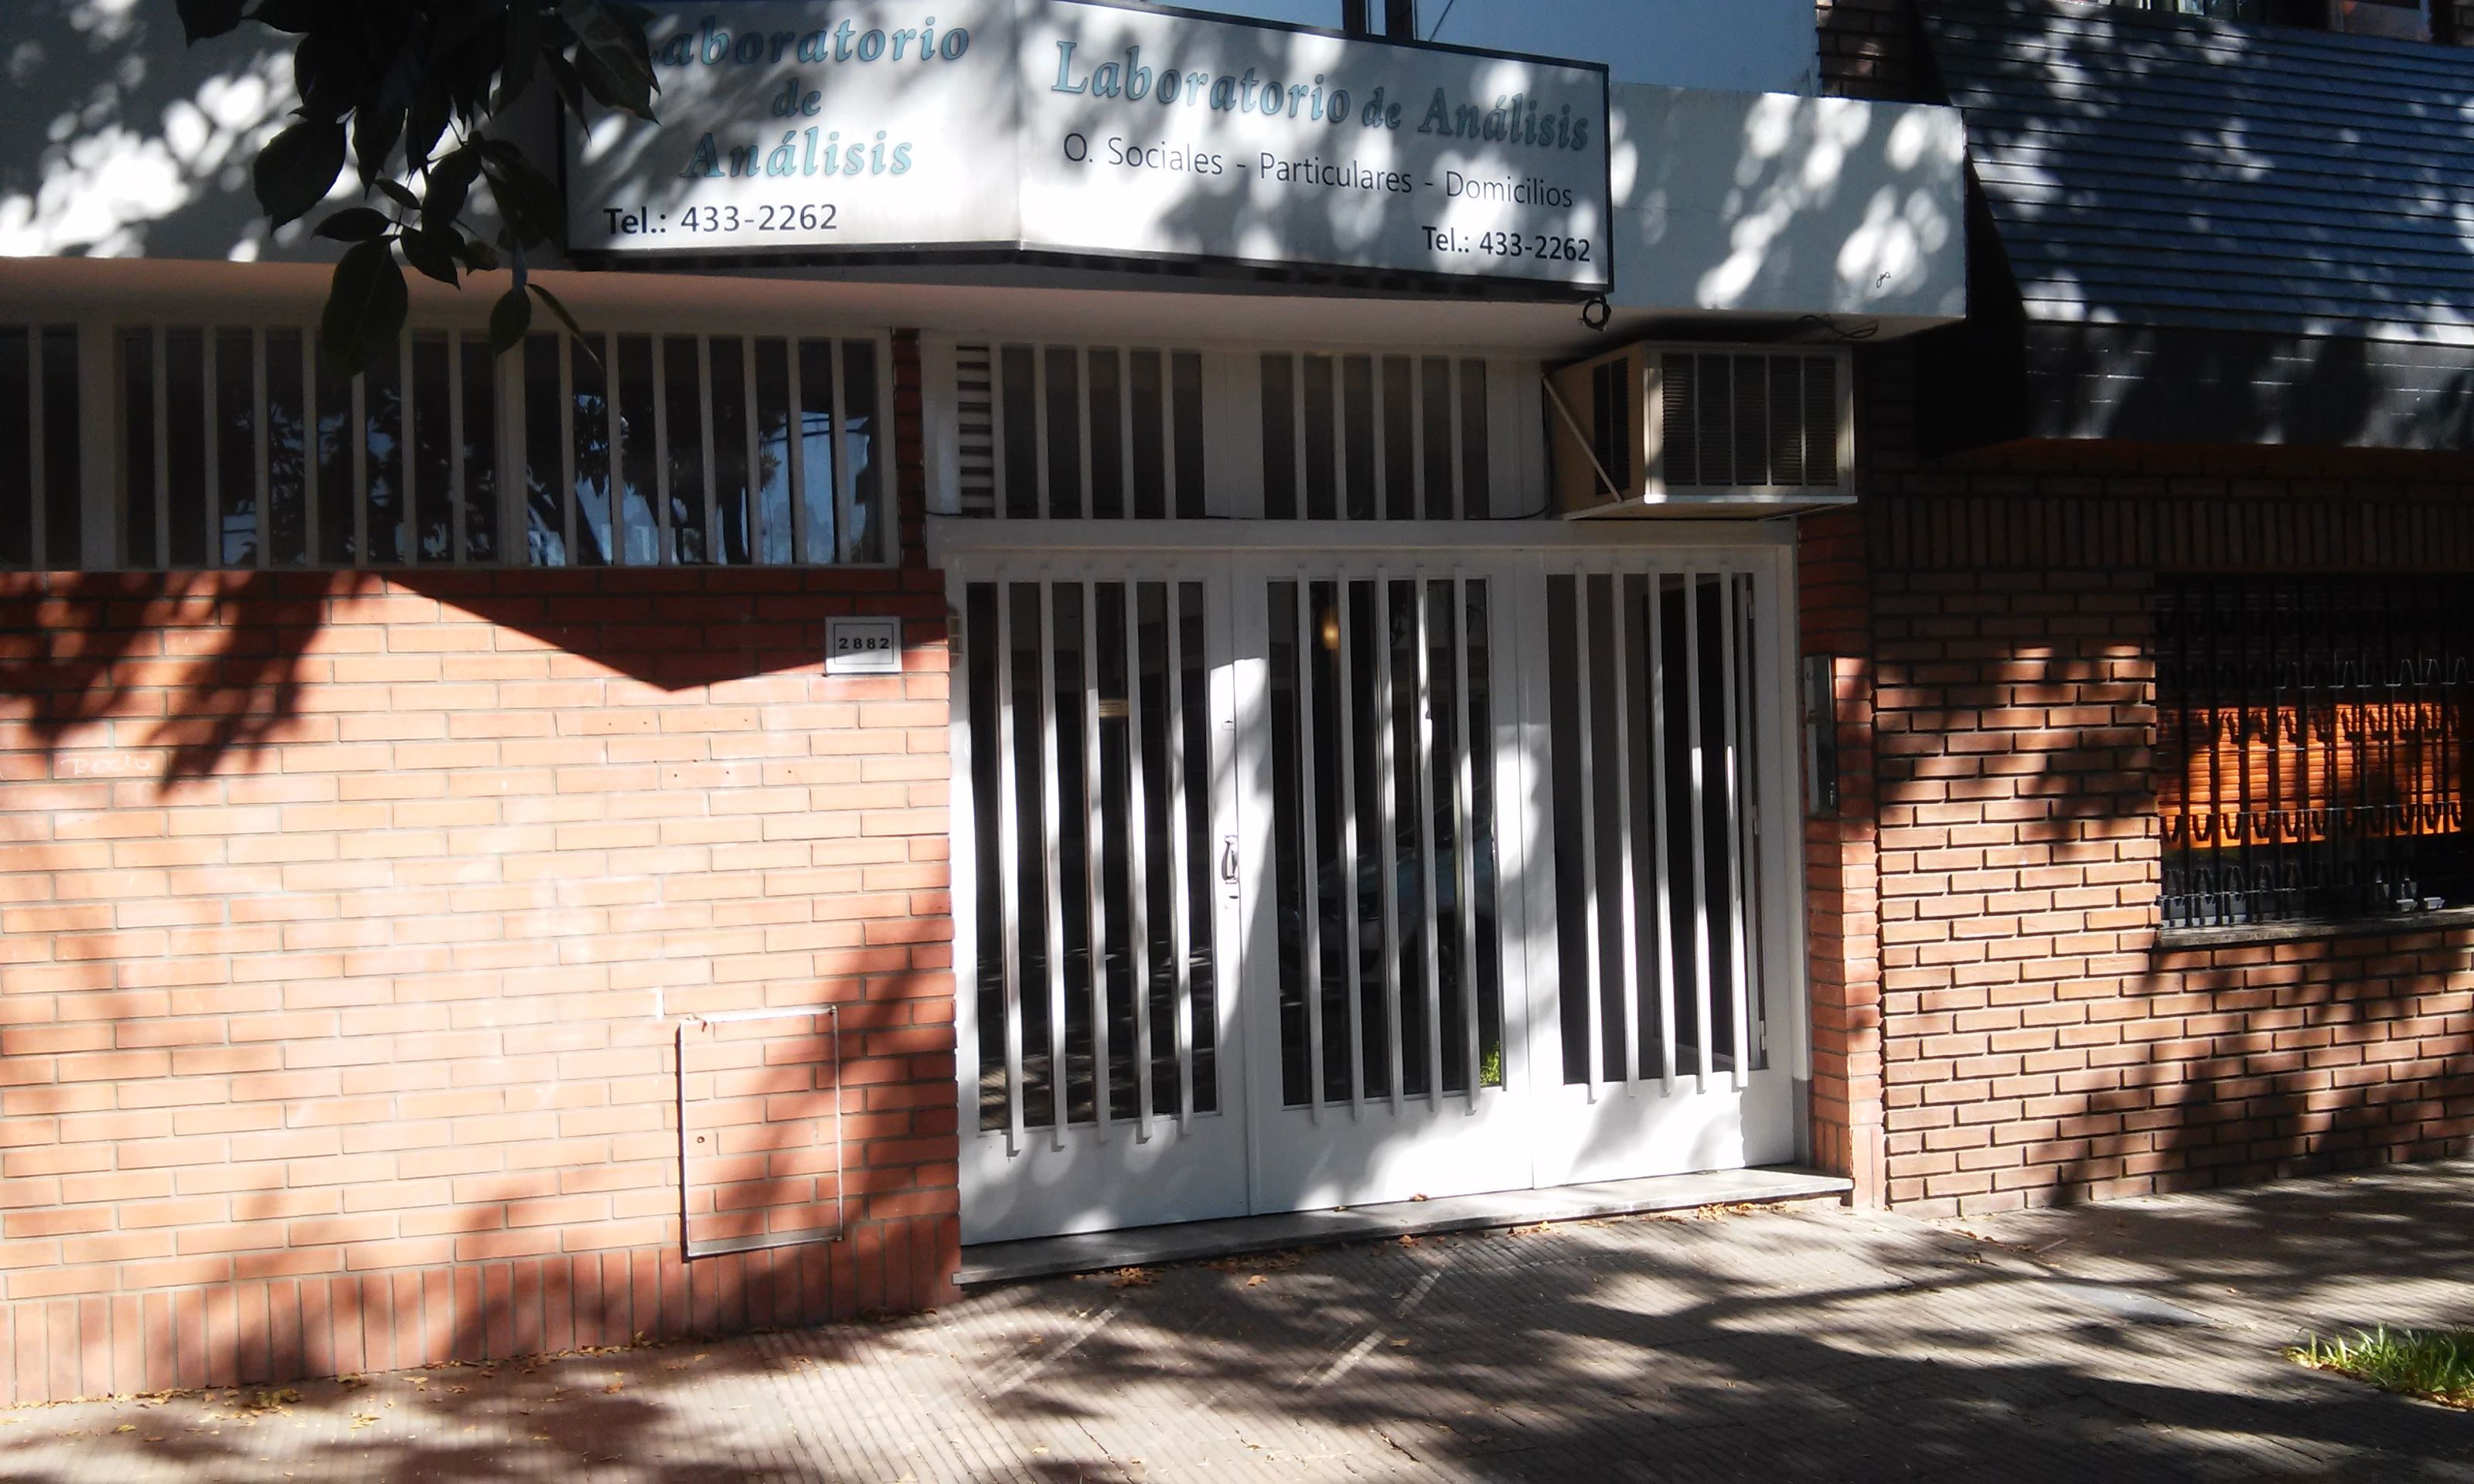 La clínica asaltada ayer en Santiago al 2800. (Foto: Sebastián S. Meccia)